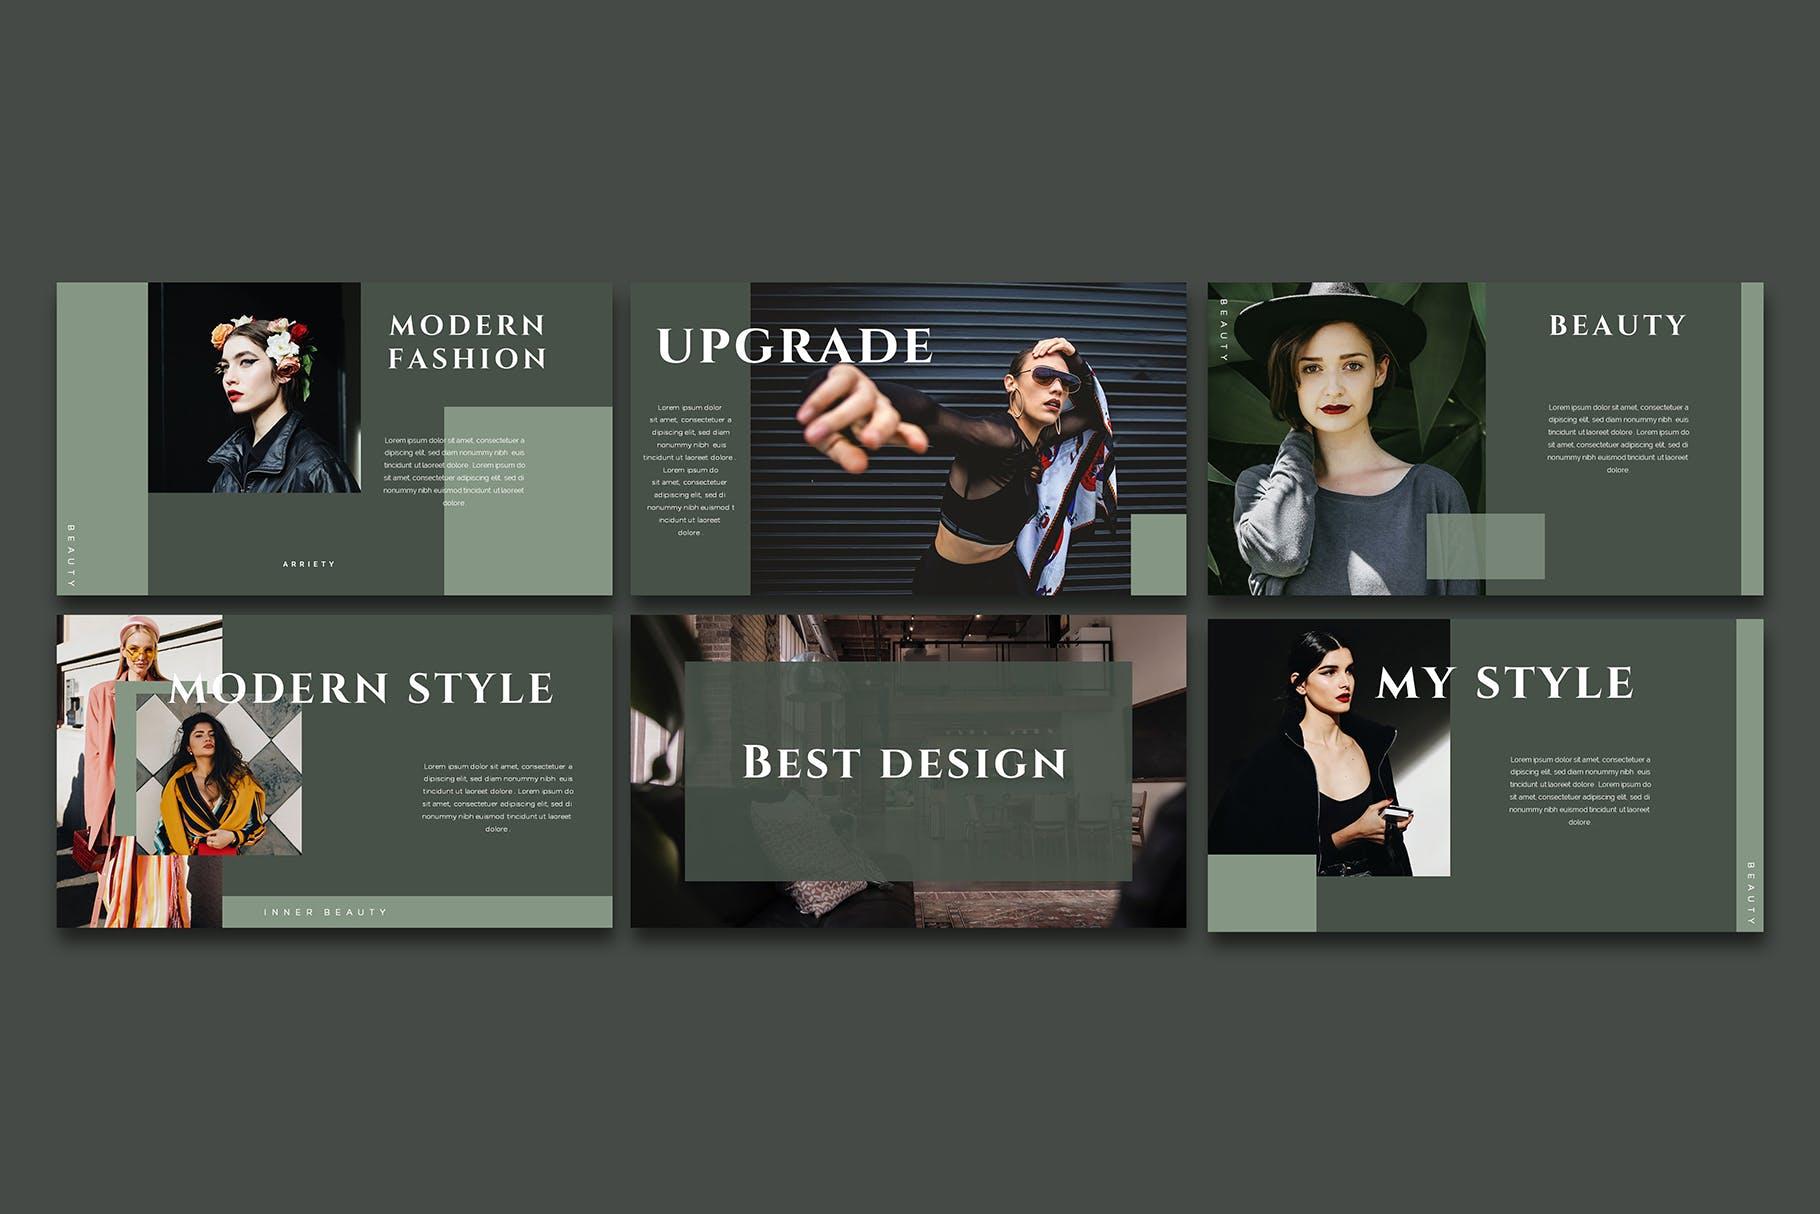 时尚优雅极简莫兰迪色时尚品牌推广PPT演示文稿模板 Arriety – PowerPoint Template插图(2)